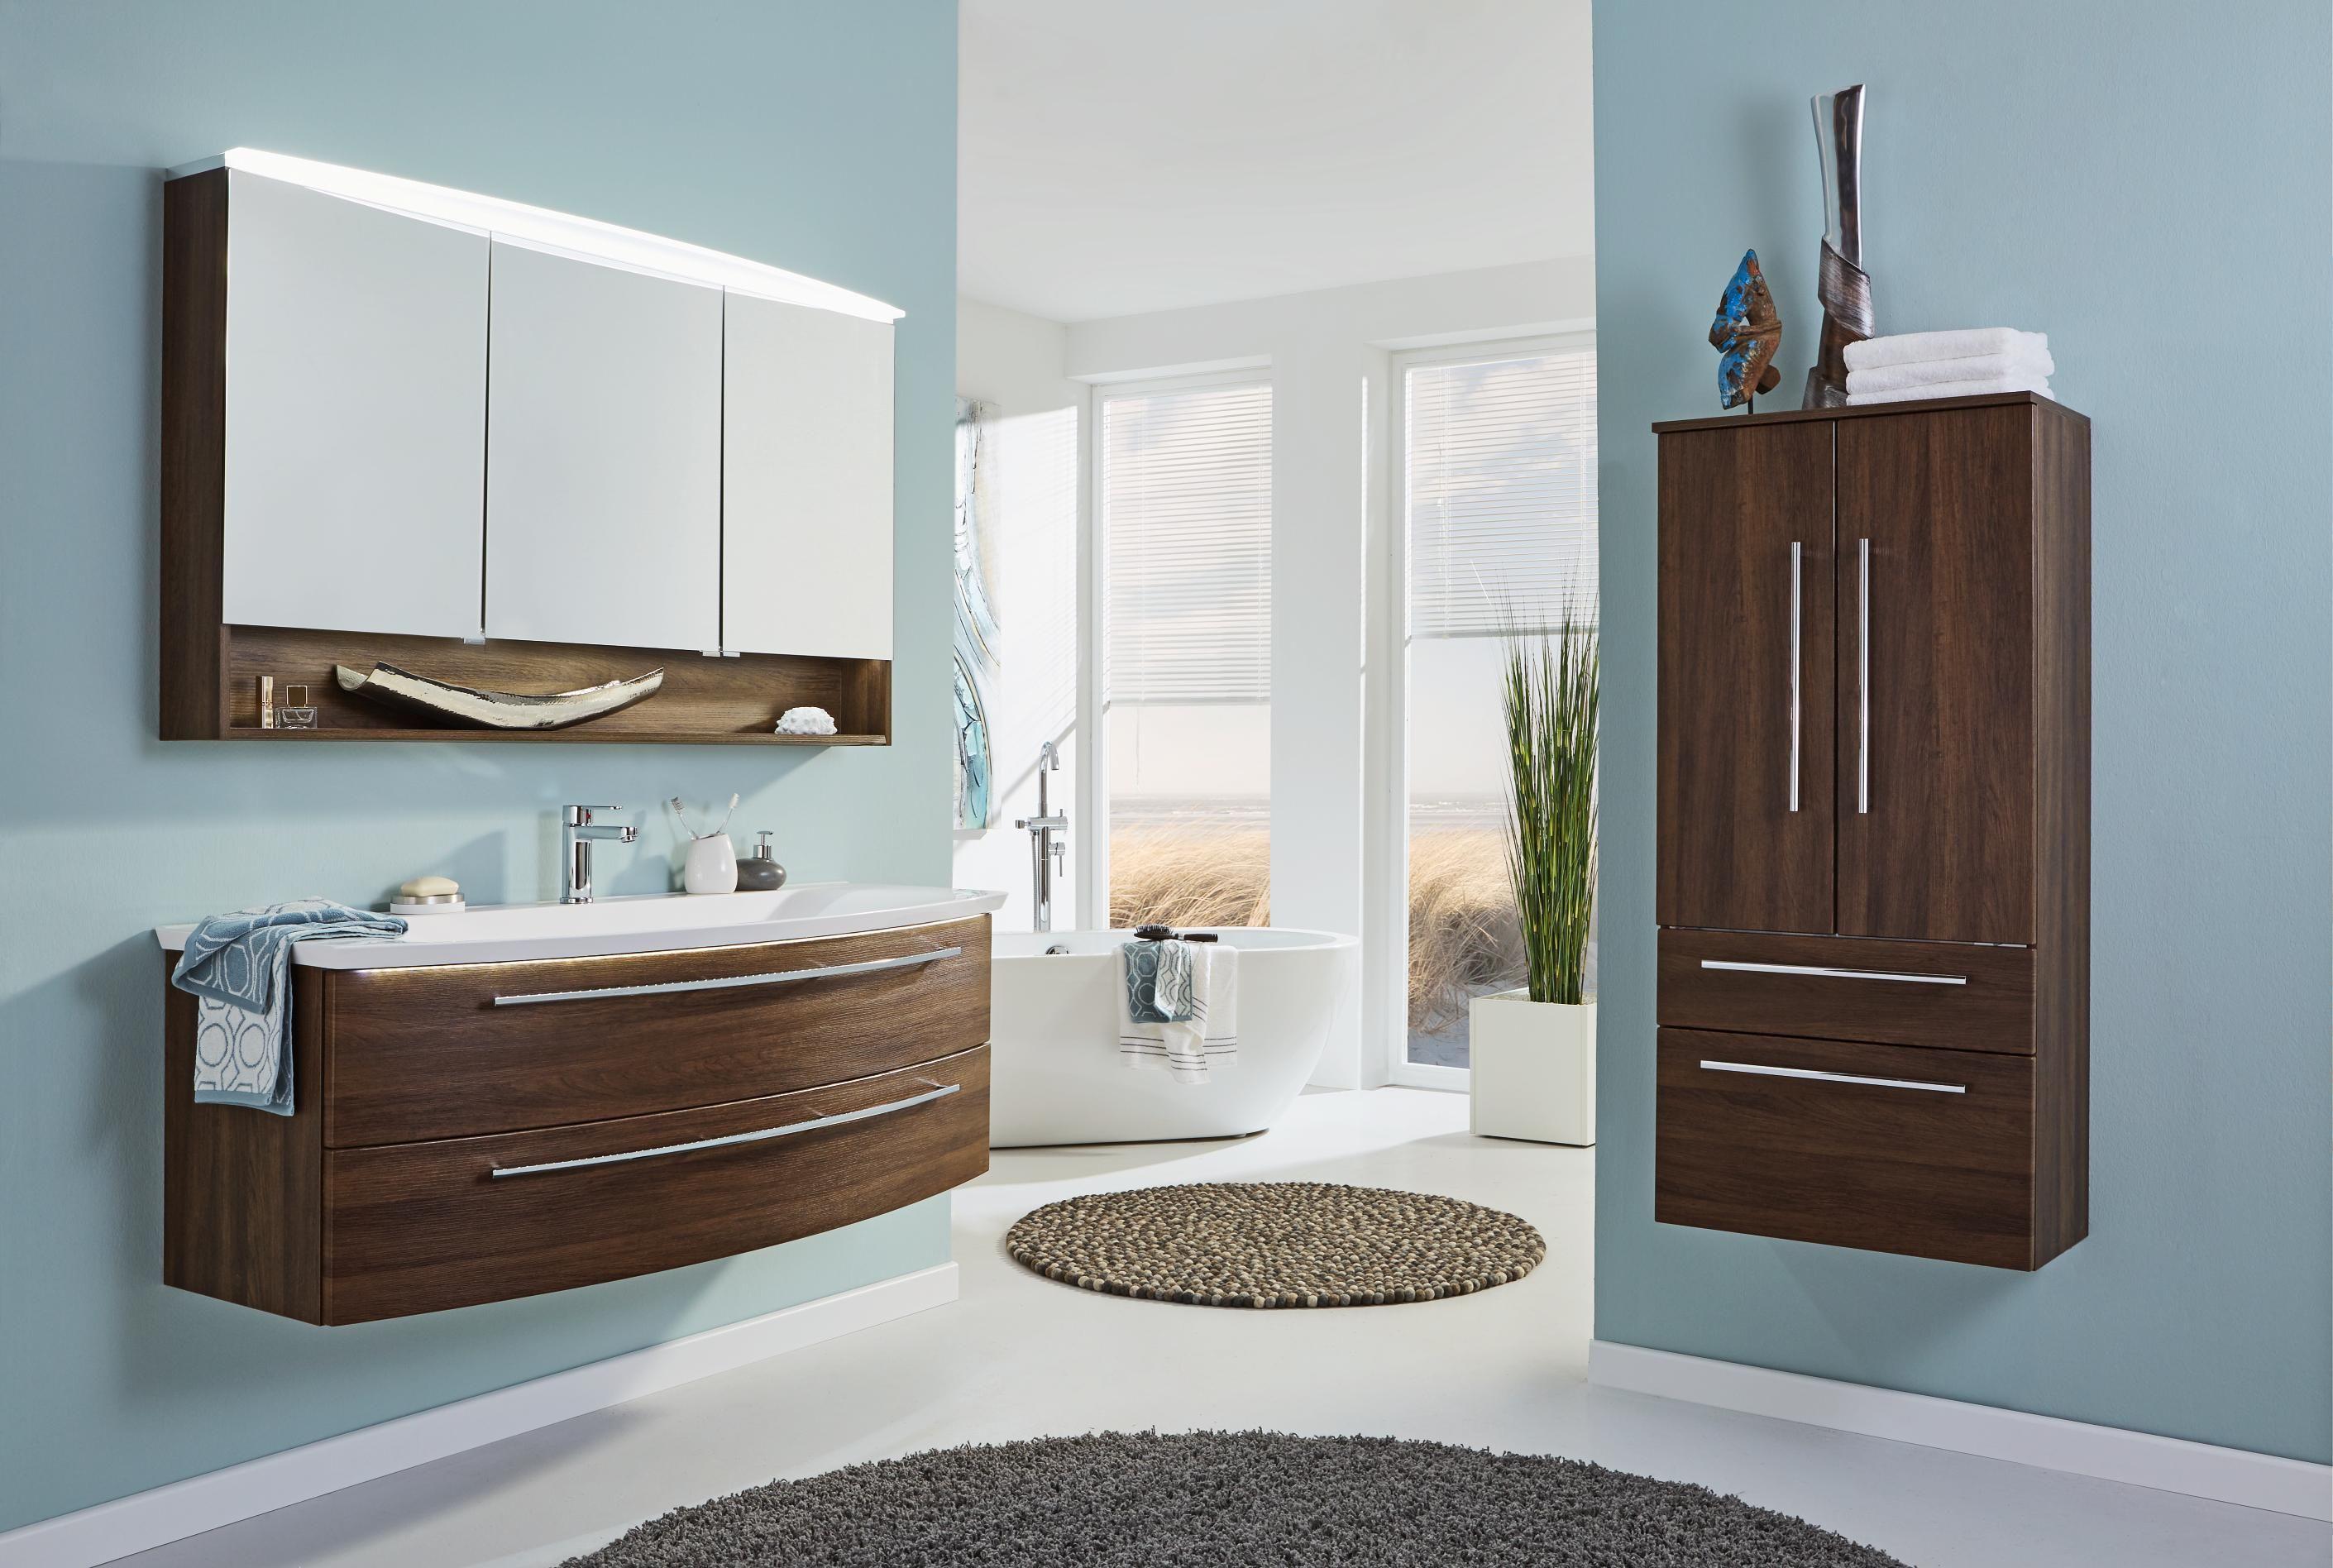 Geschmackvolles Badezimmer von DIETER KNOLL mit praktischer Beleuchtung